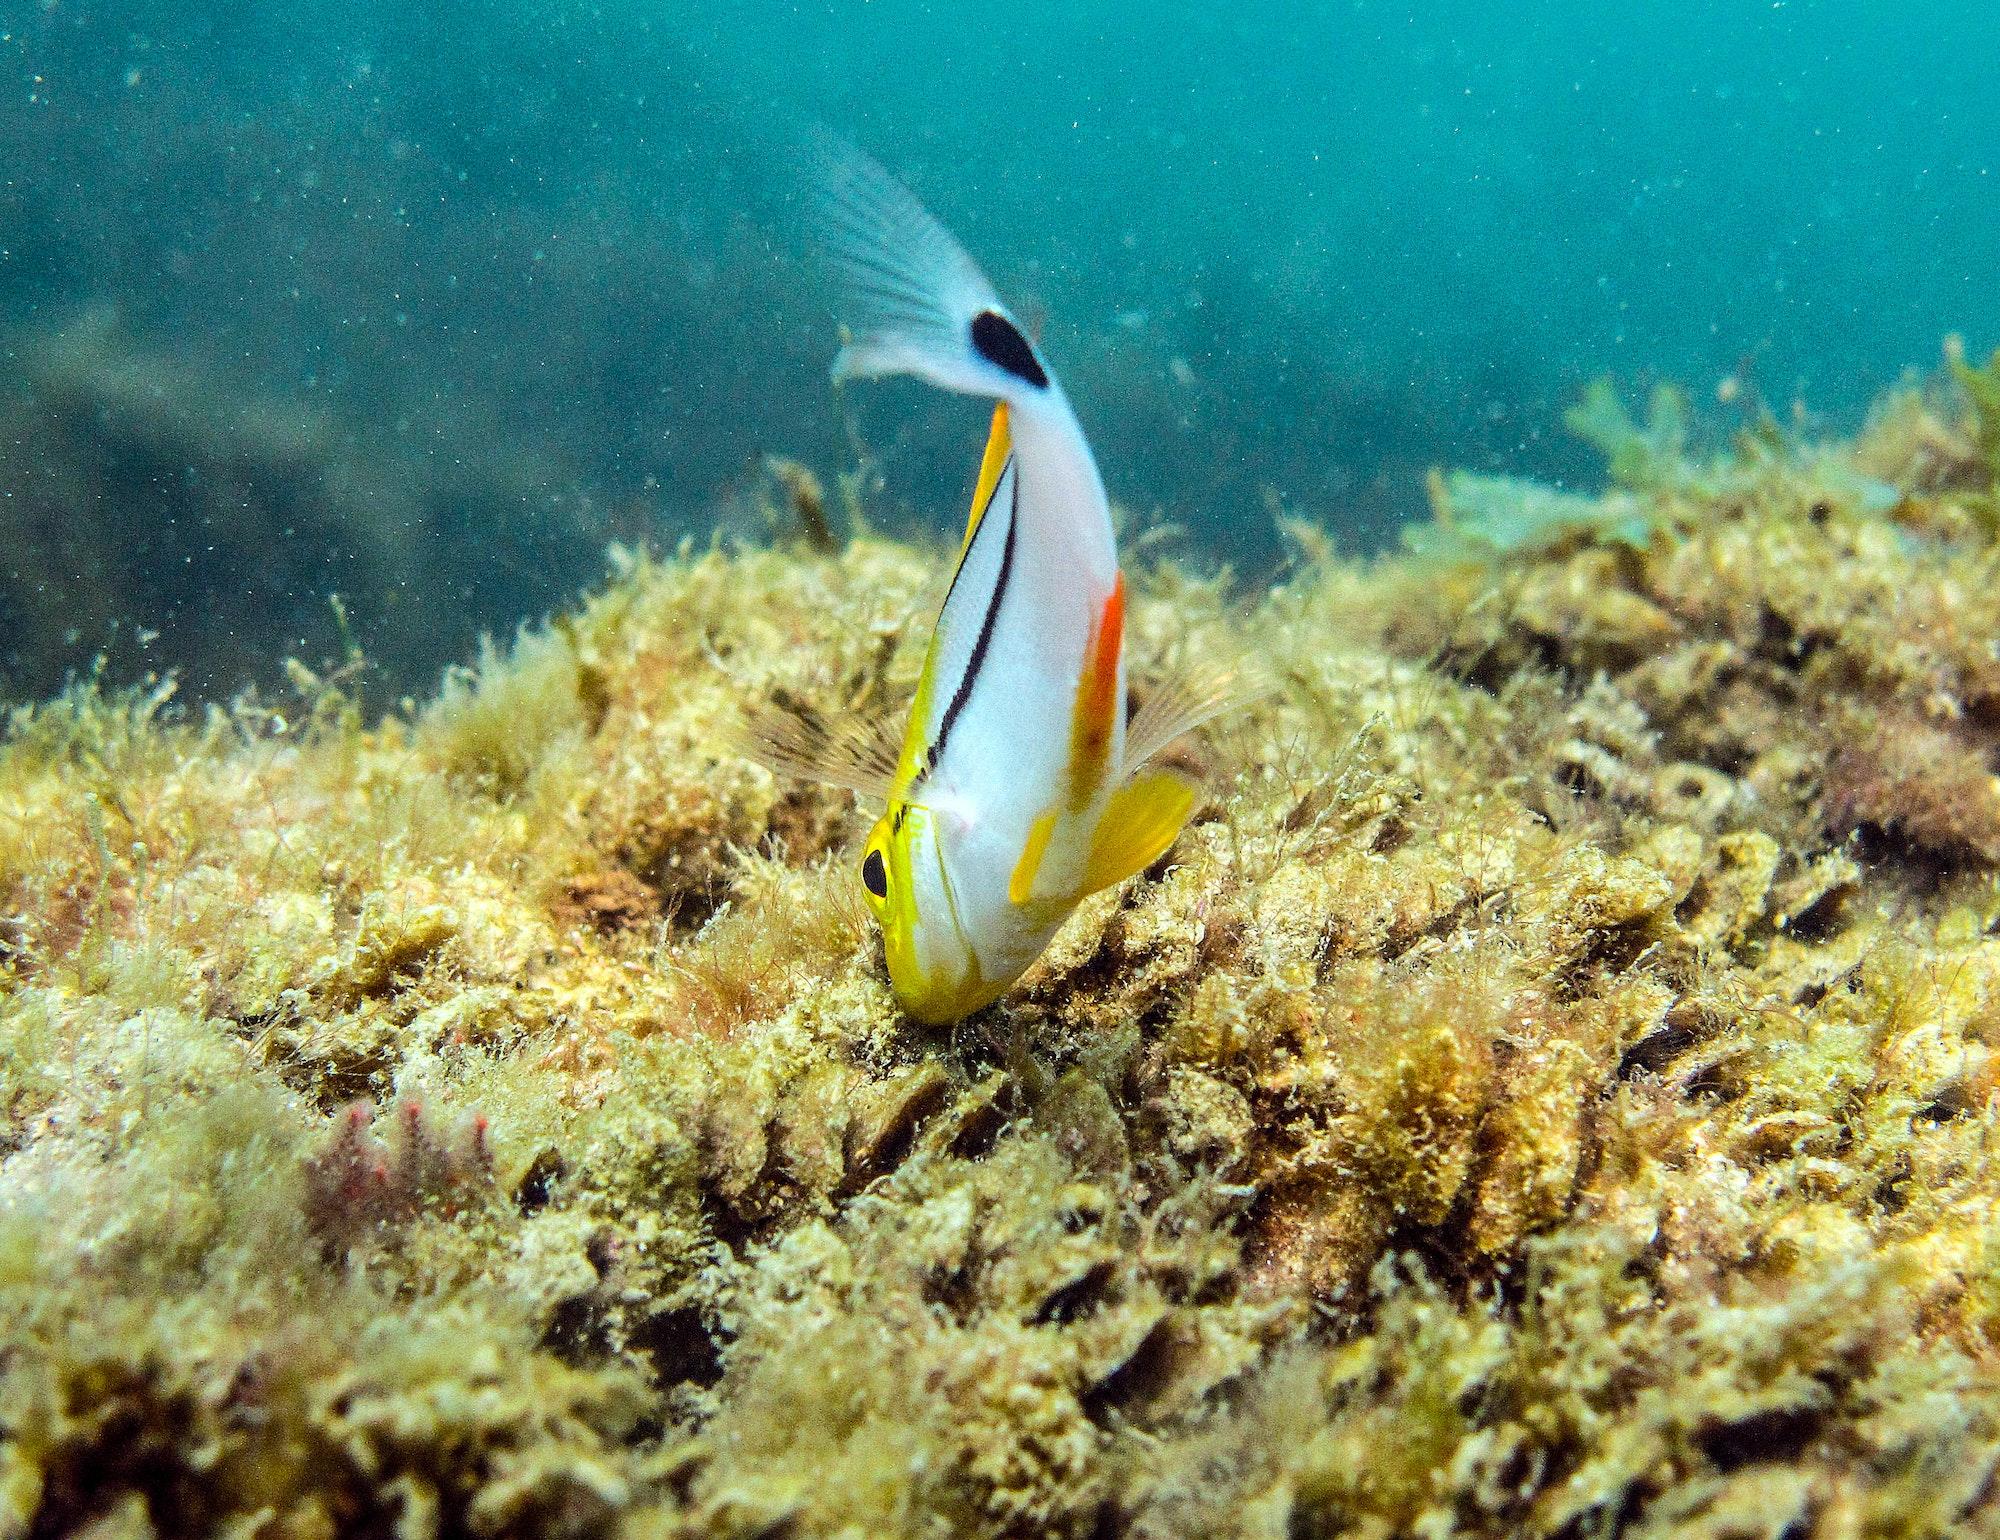 juvenile porkfish foraging on reef